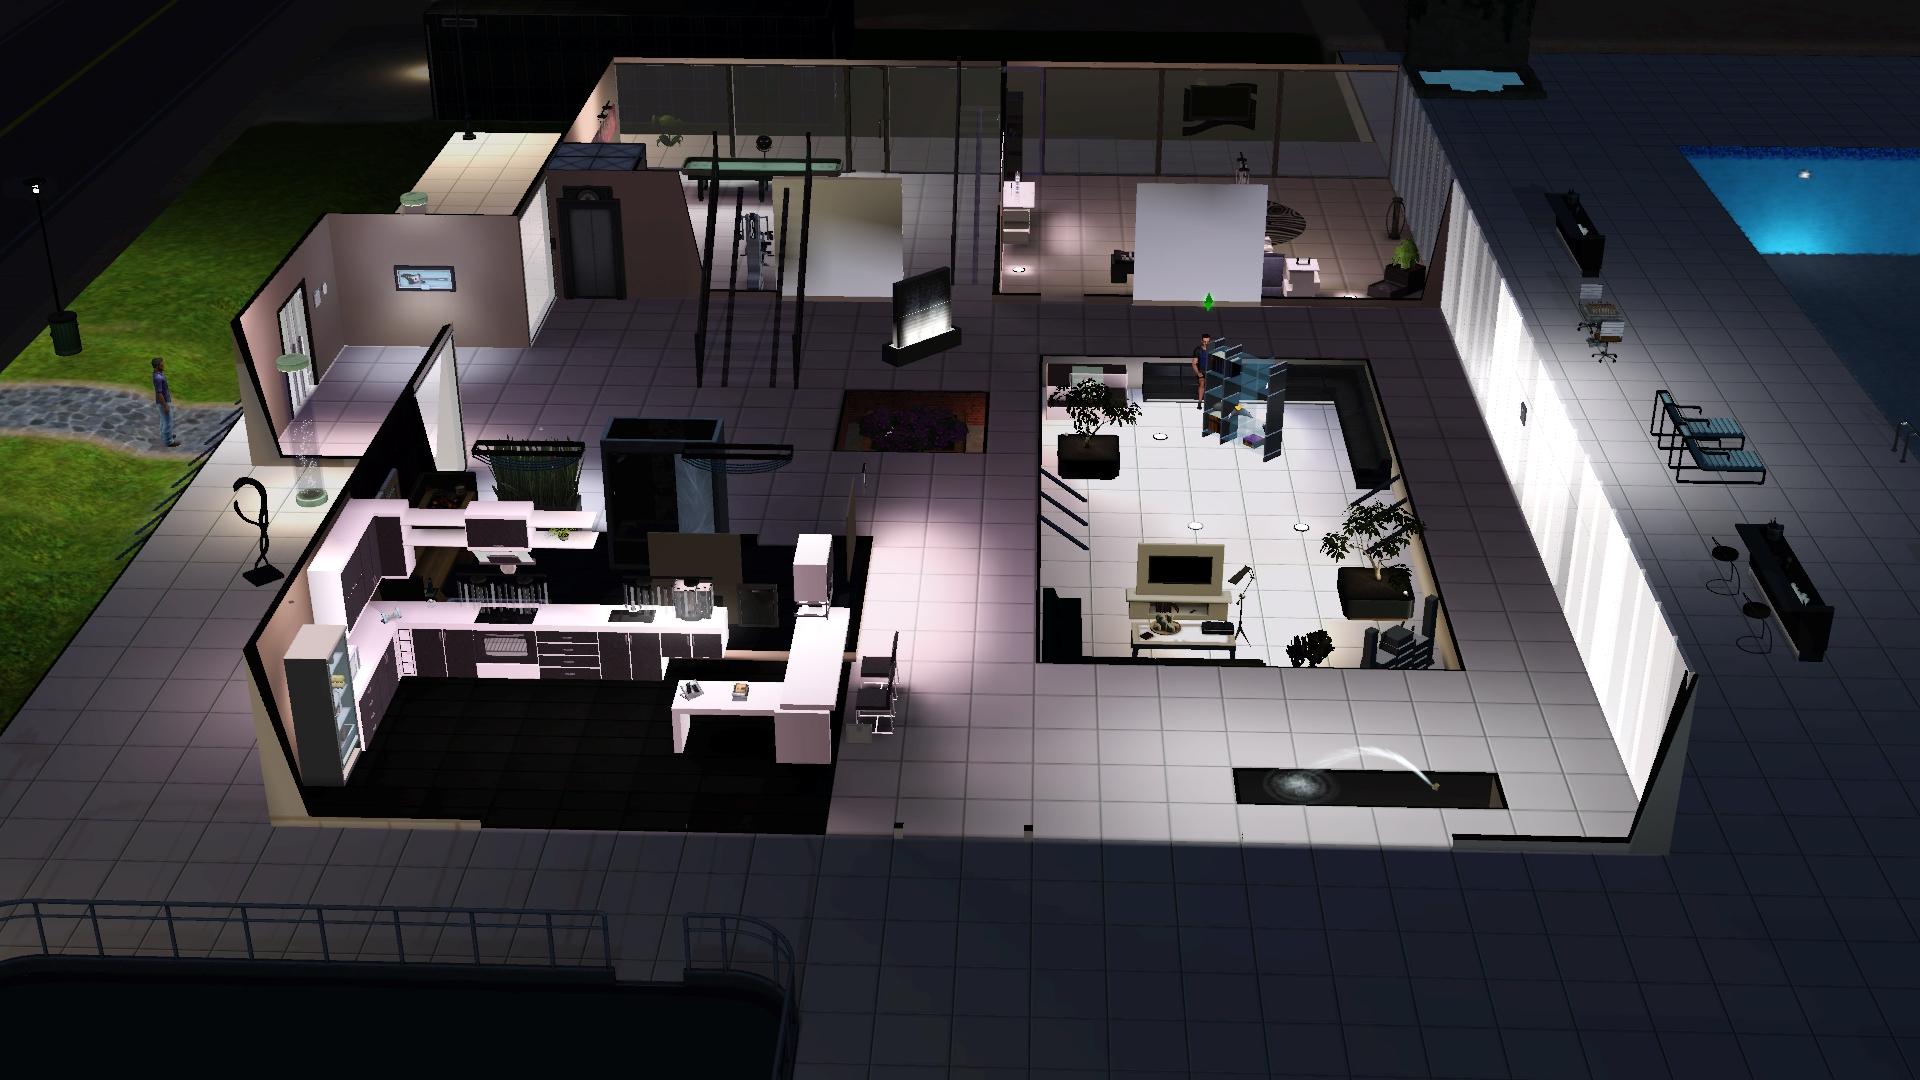 sims 3 wohnzimmer modern: einrichten - Sims 3 Wohnzimmer Modern